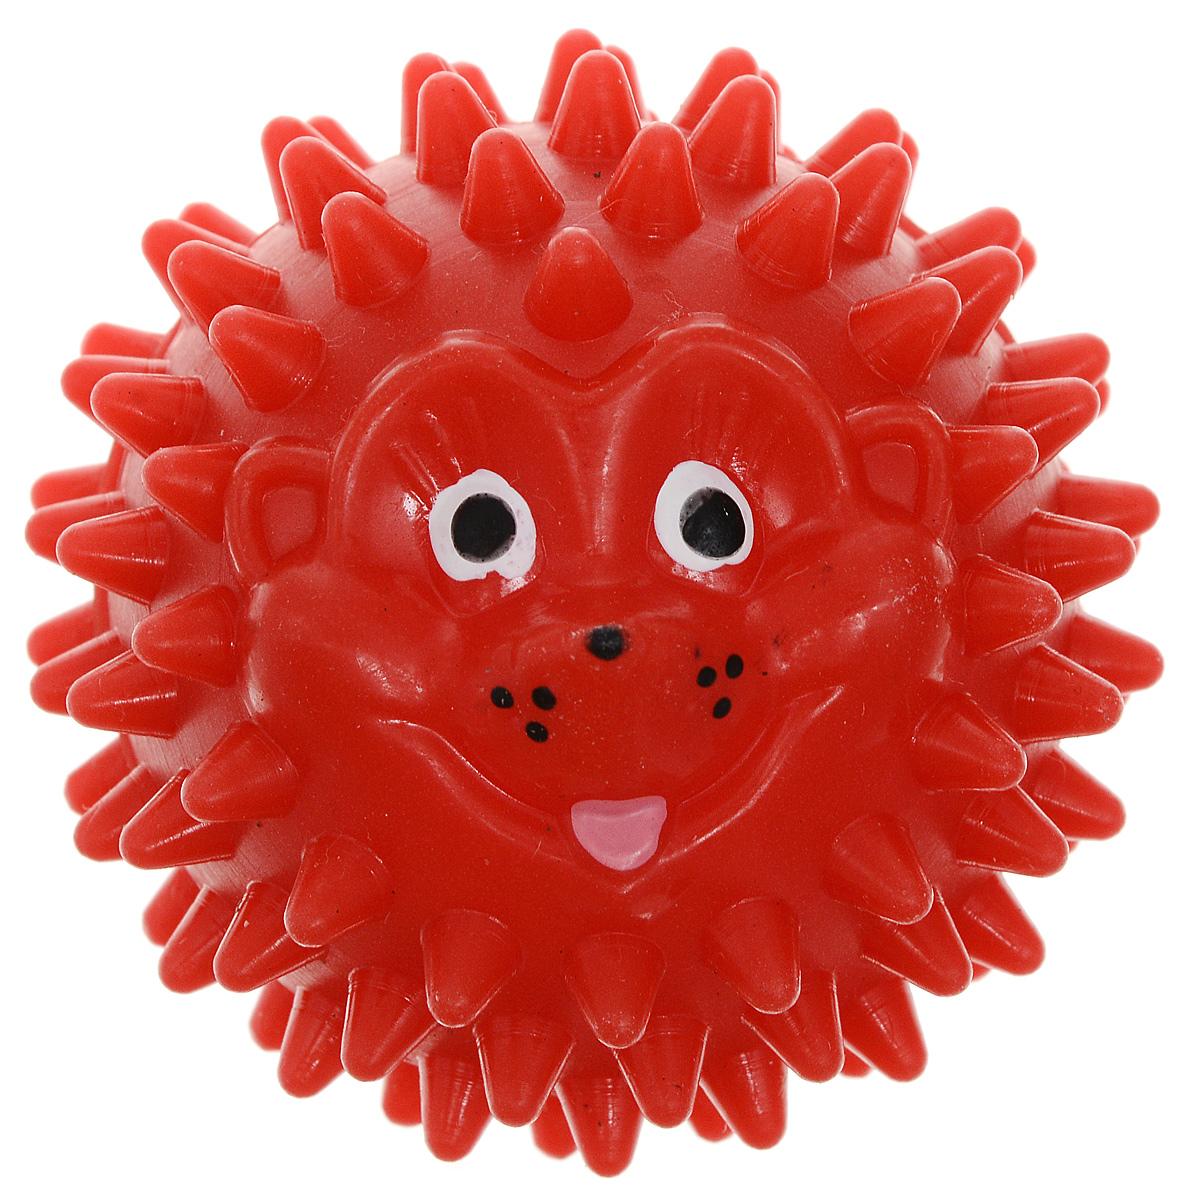 Массажер Дельтатерм Шарик-Ежик, цвет: красный, диаметр 50 мм00-00000225_красныйМассажер Дельтатерм Шарик-Ежик, цвет: красный, диаметр 50 мм